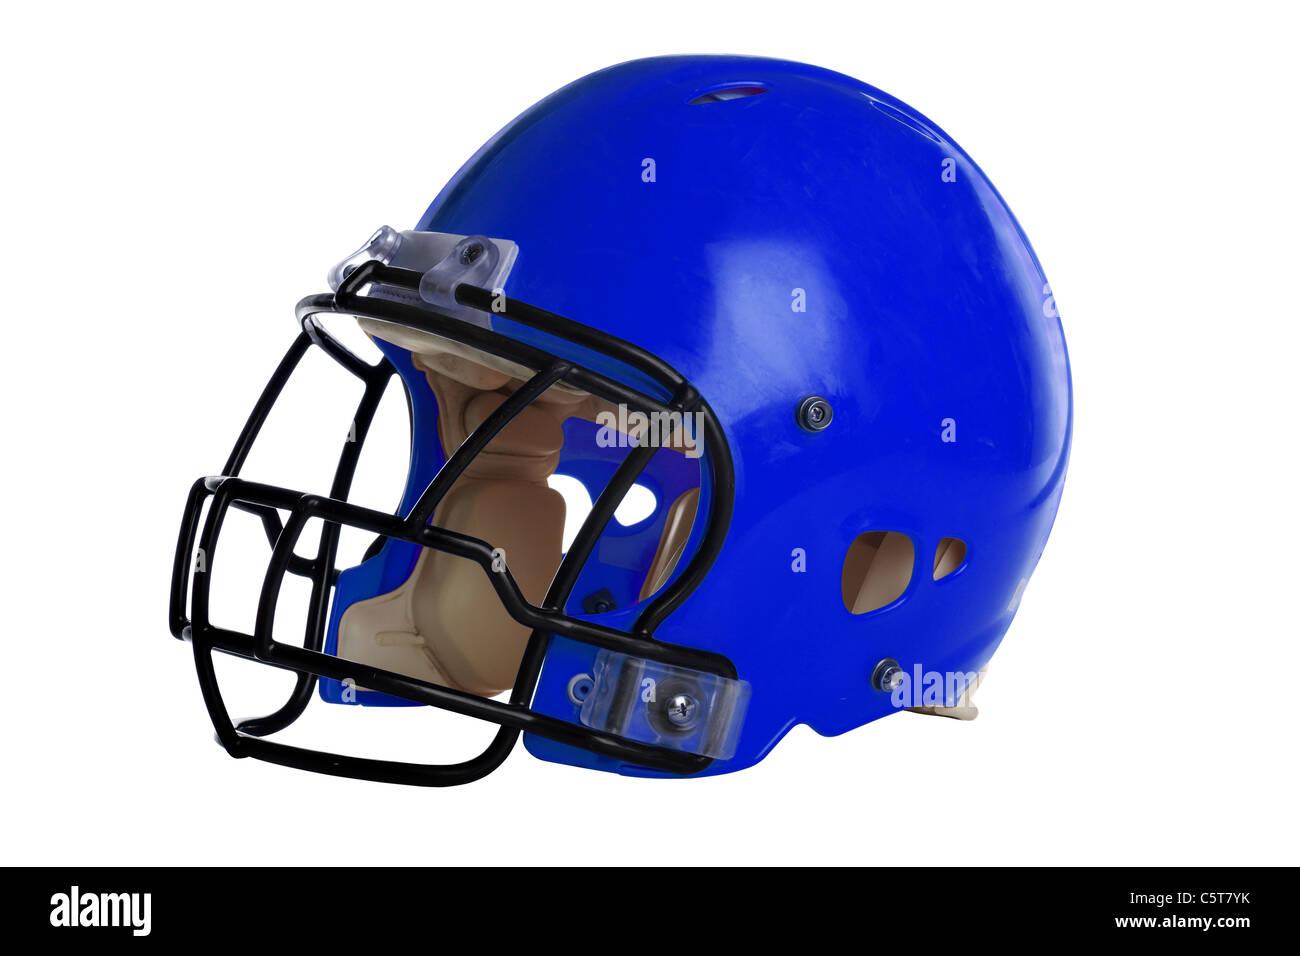 Blue casco da football isolate su sfondo bianco - con tracciato di ritaglio Immagini Stock